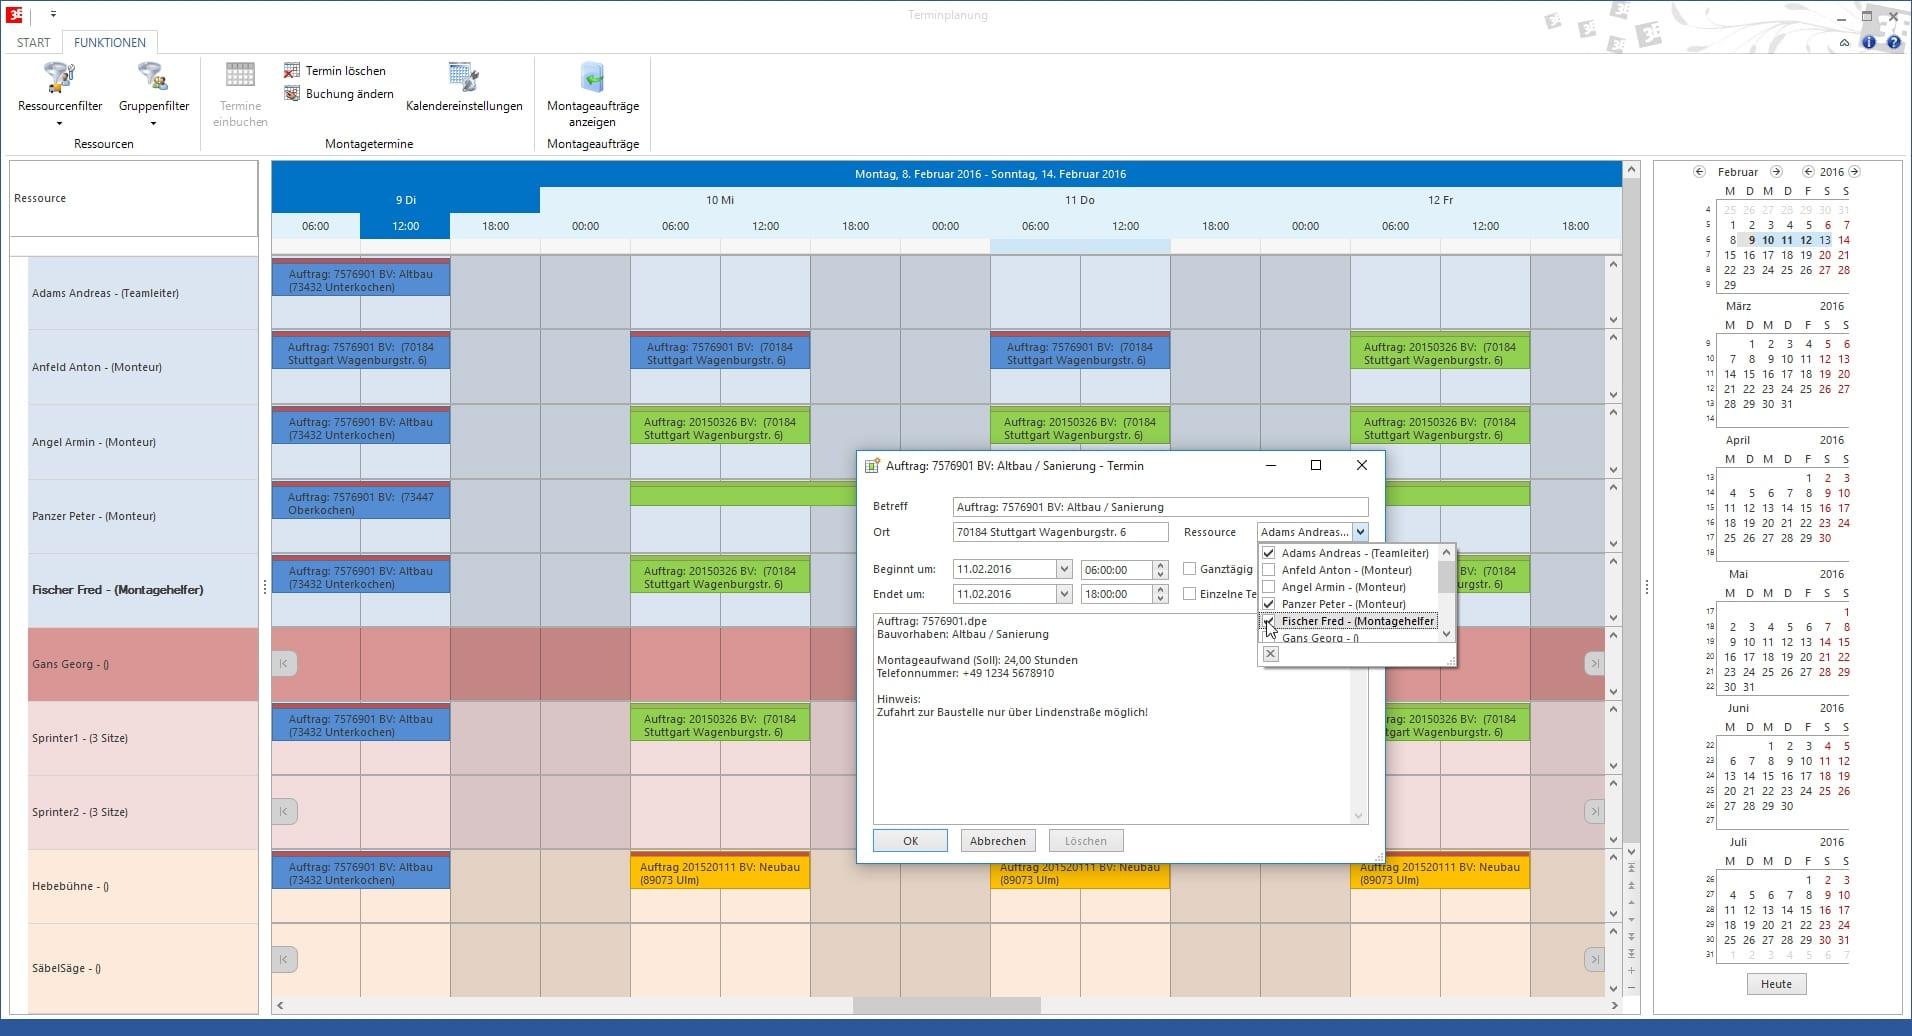 3E setzt weiter auf Durchgängigkeit in den Prozessen – Neue Funktionalitäten, Usability und Durchgängigkeit in der Fensterbausoftware 3E-LOOK sind die Highlights auf der Fensterbau/Frontale in Nürnberg